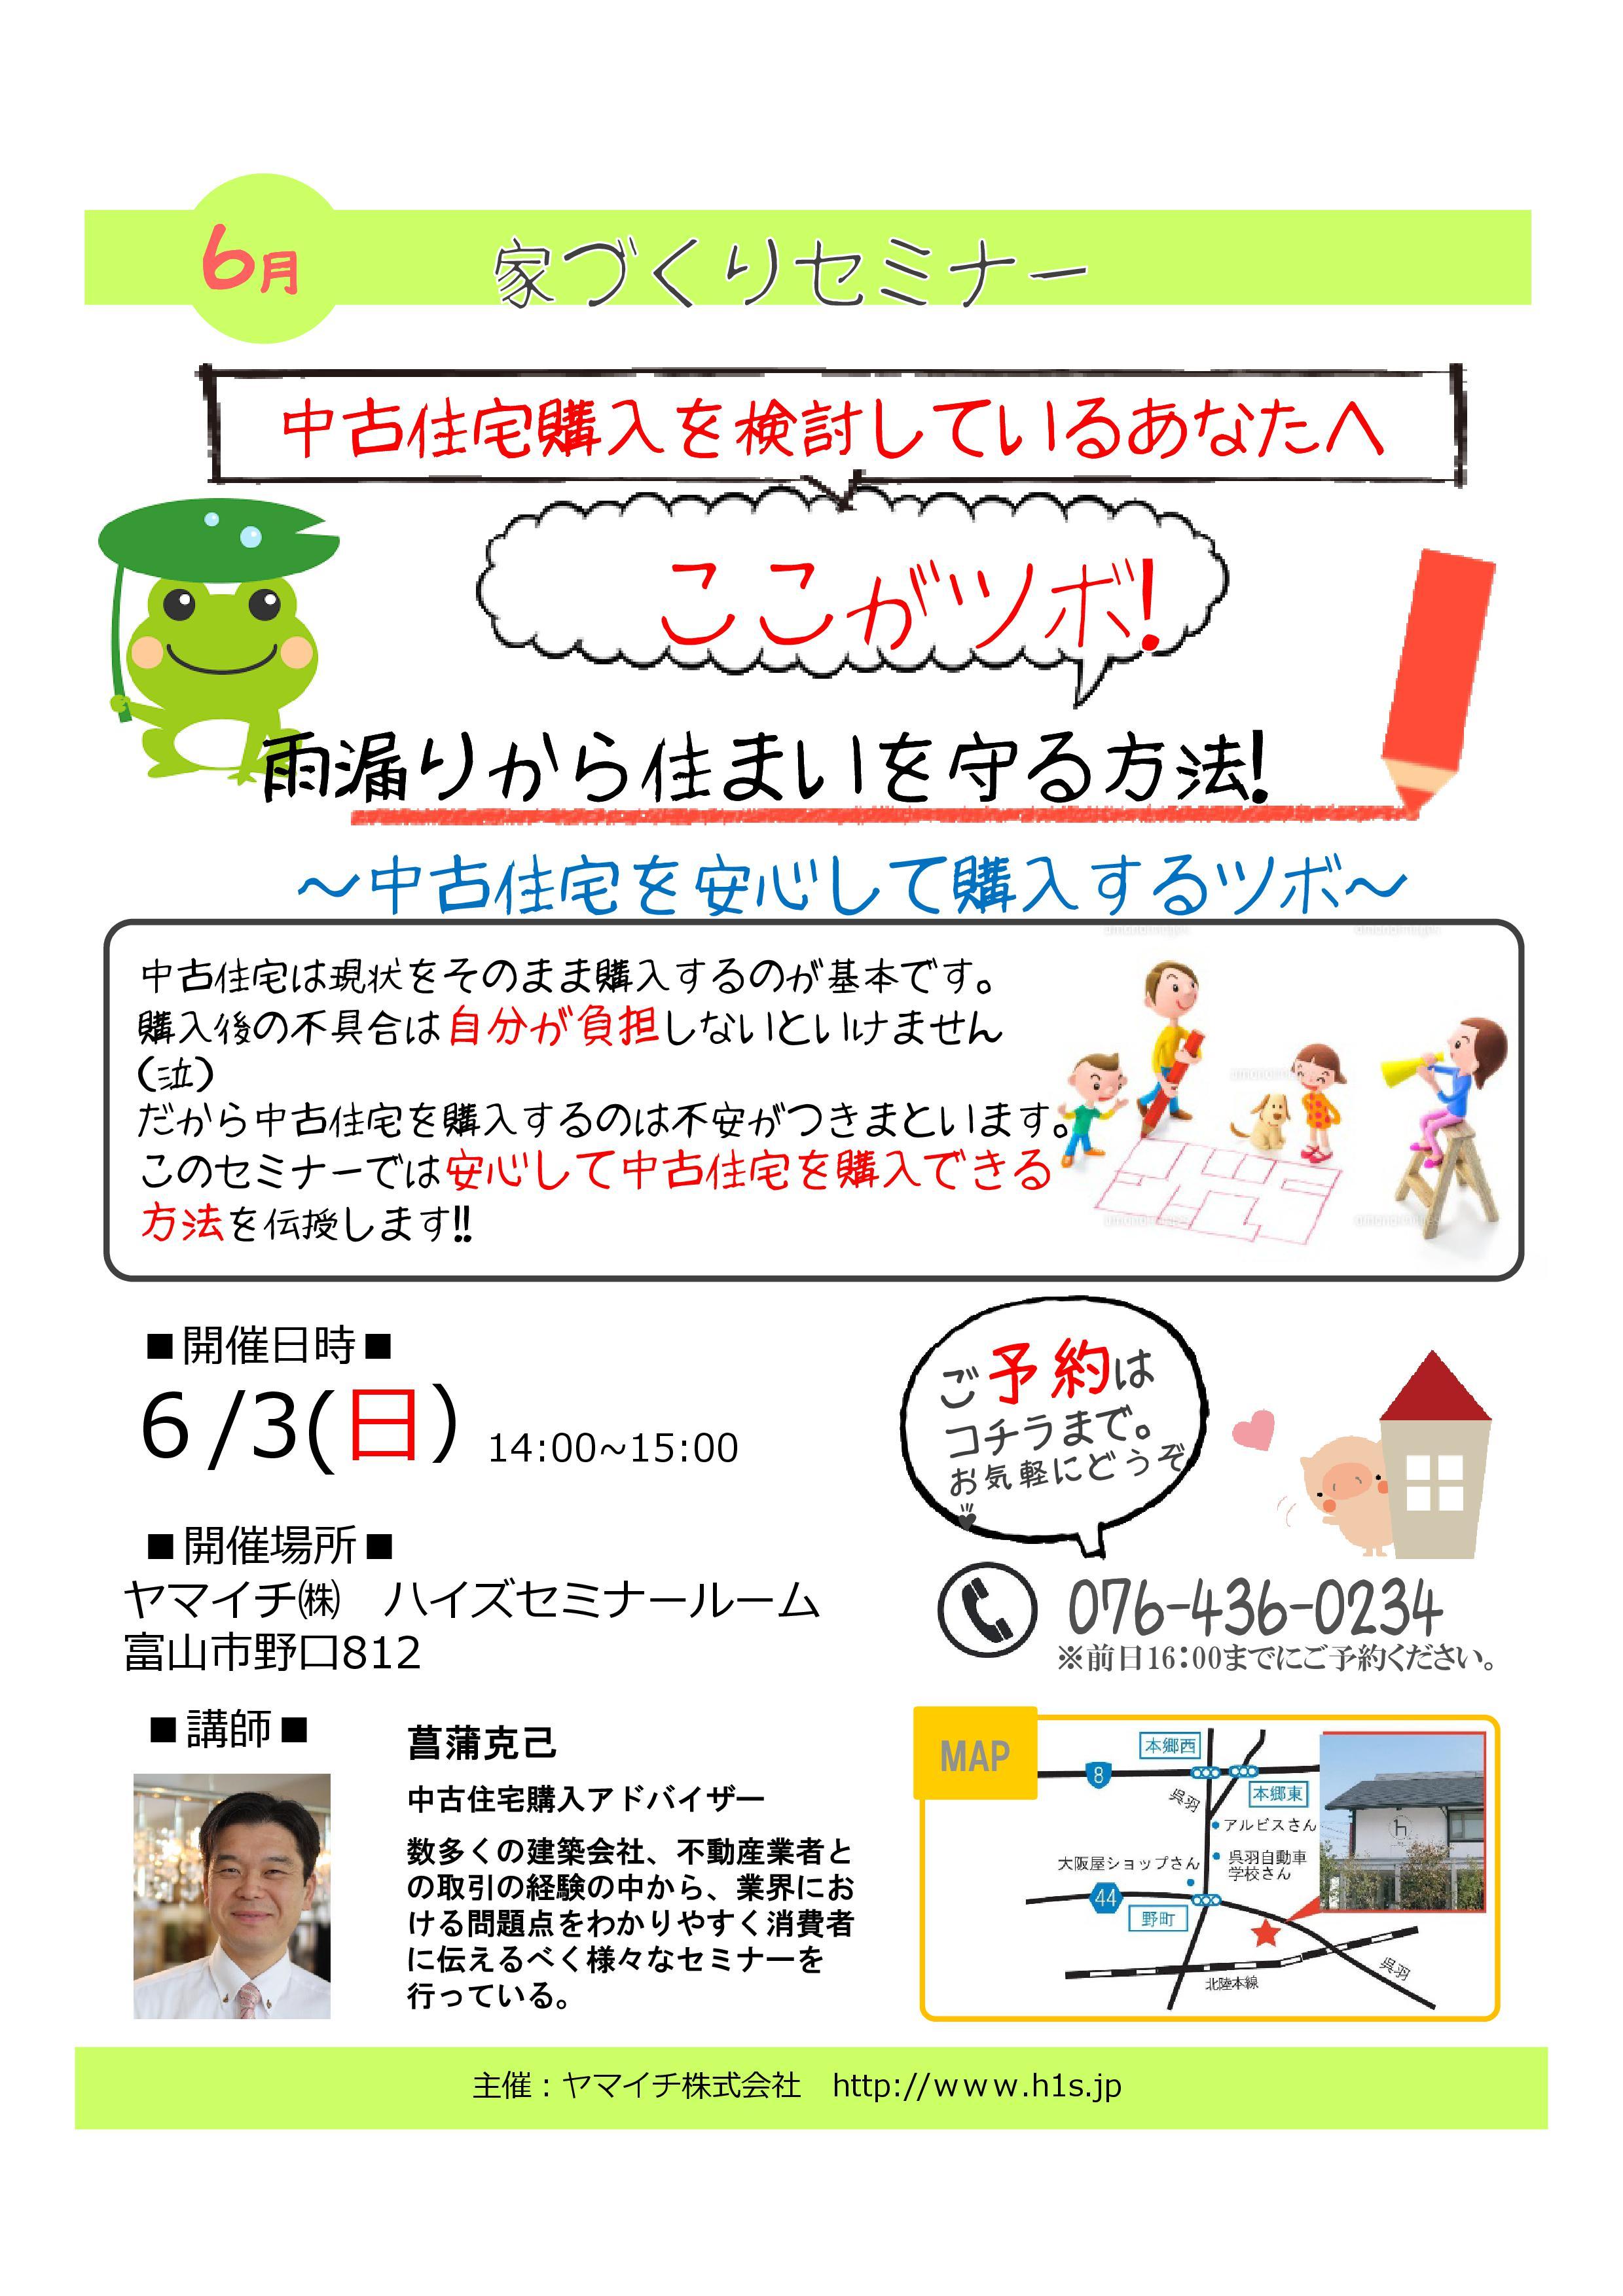 【セミナー】 6/3(日)「雨漏りから住まいを守る方法!」